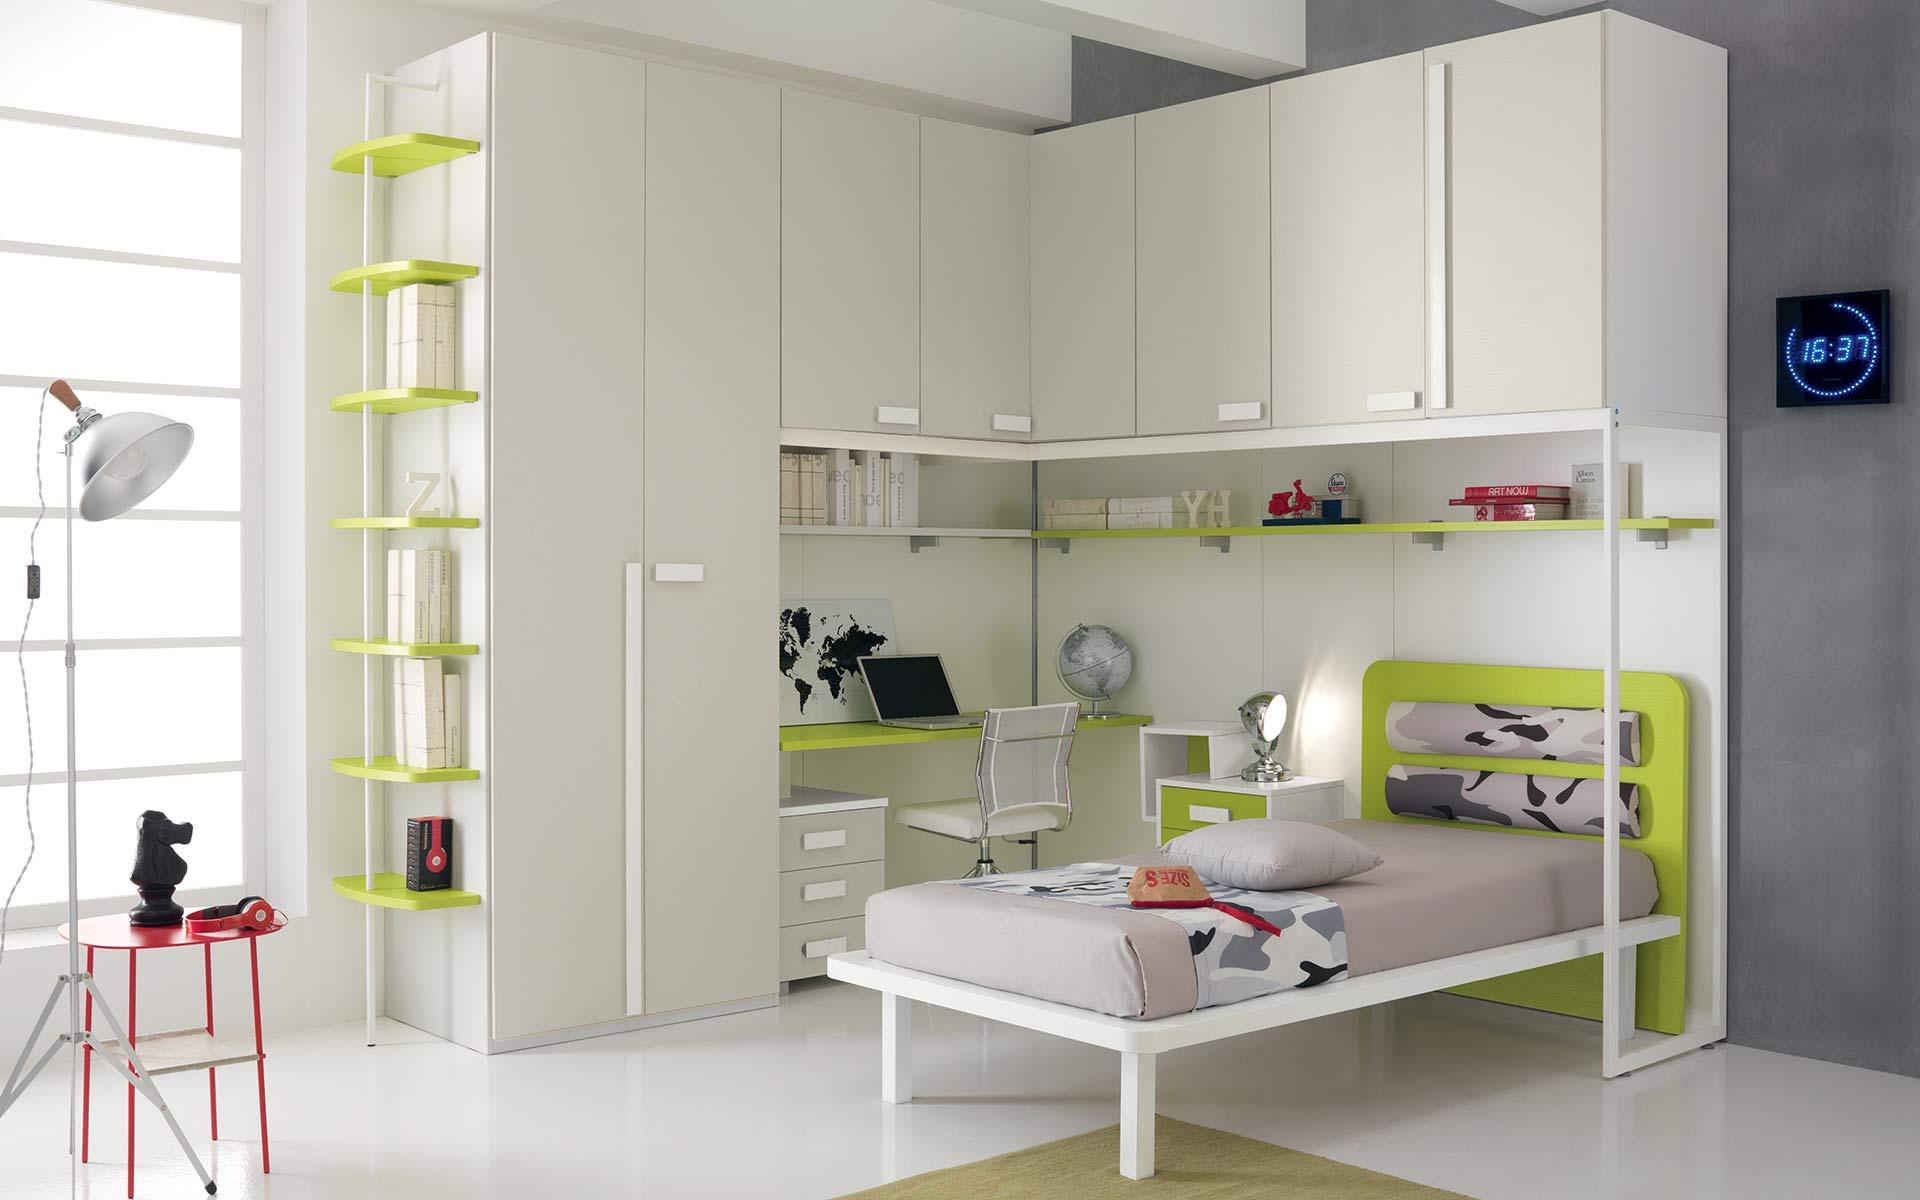 Cucine componibili e arredamento per la casa spar - Scrivania camera da letto ...